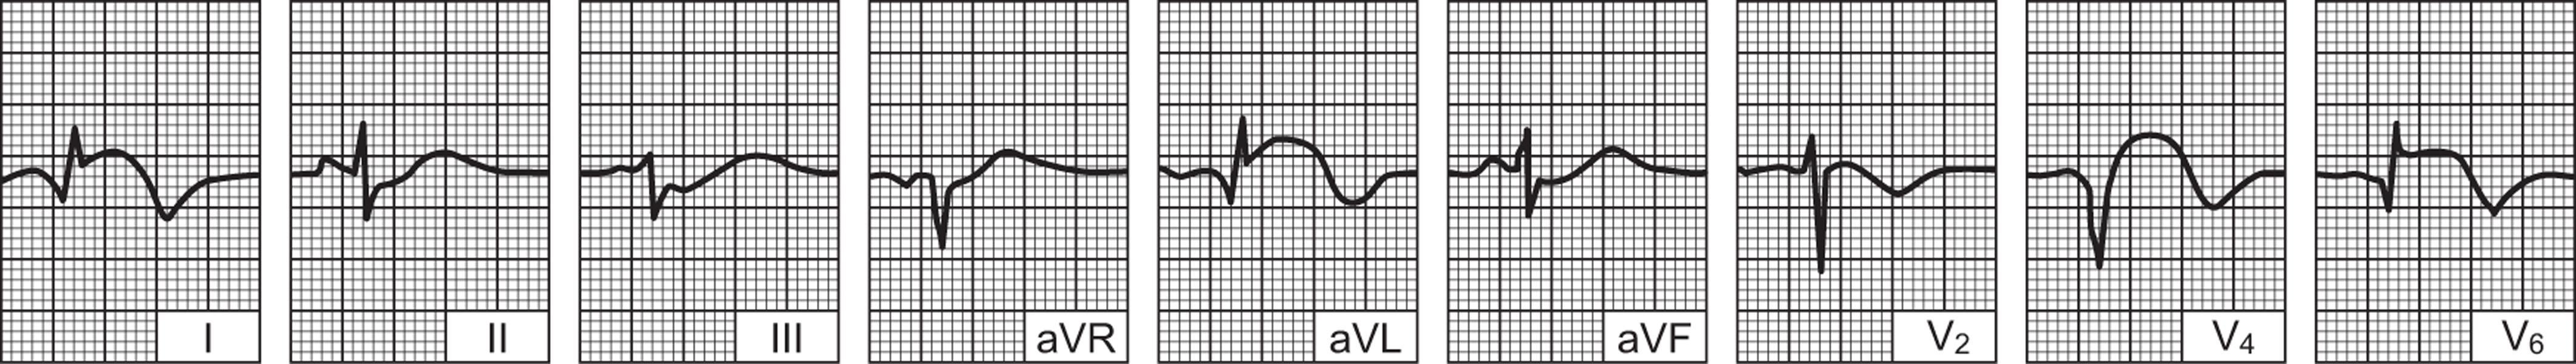 hipertenzija visoki rizici i hipertenzija klasifikacija